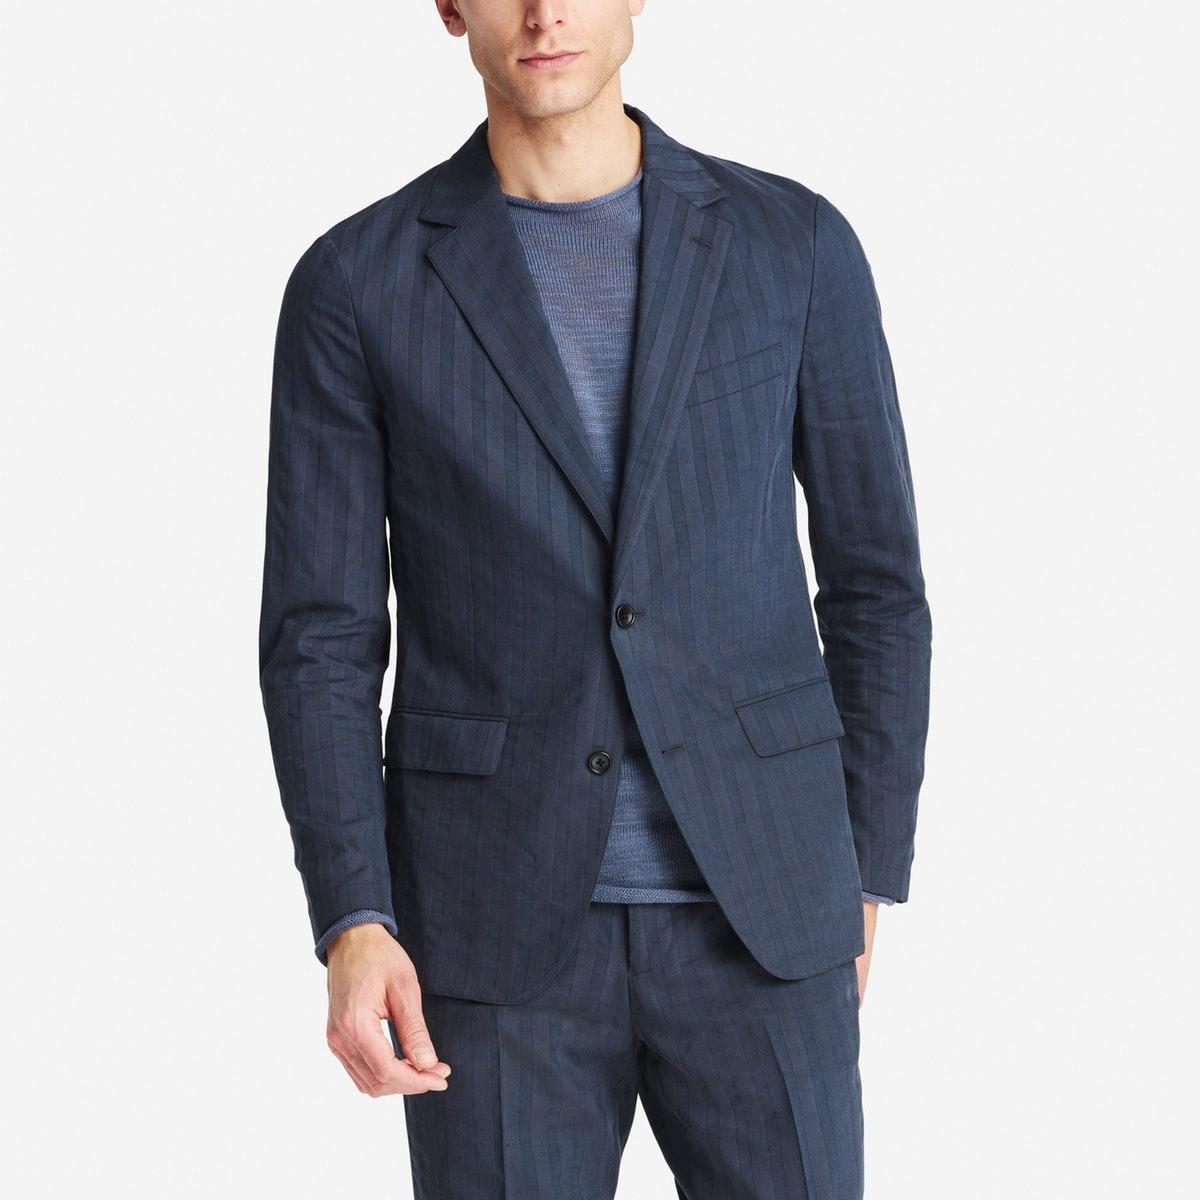 Lightweight Italian Cotton Suit Jacket